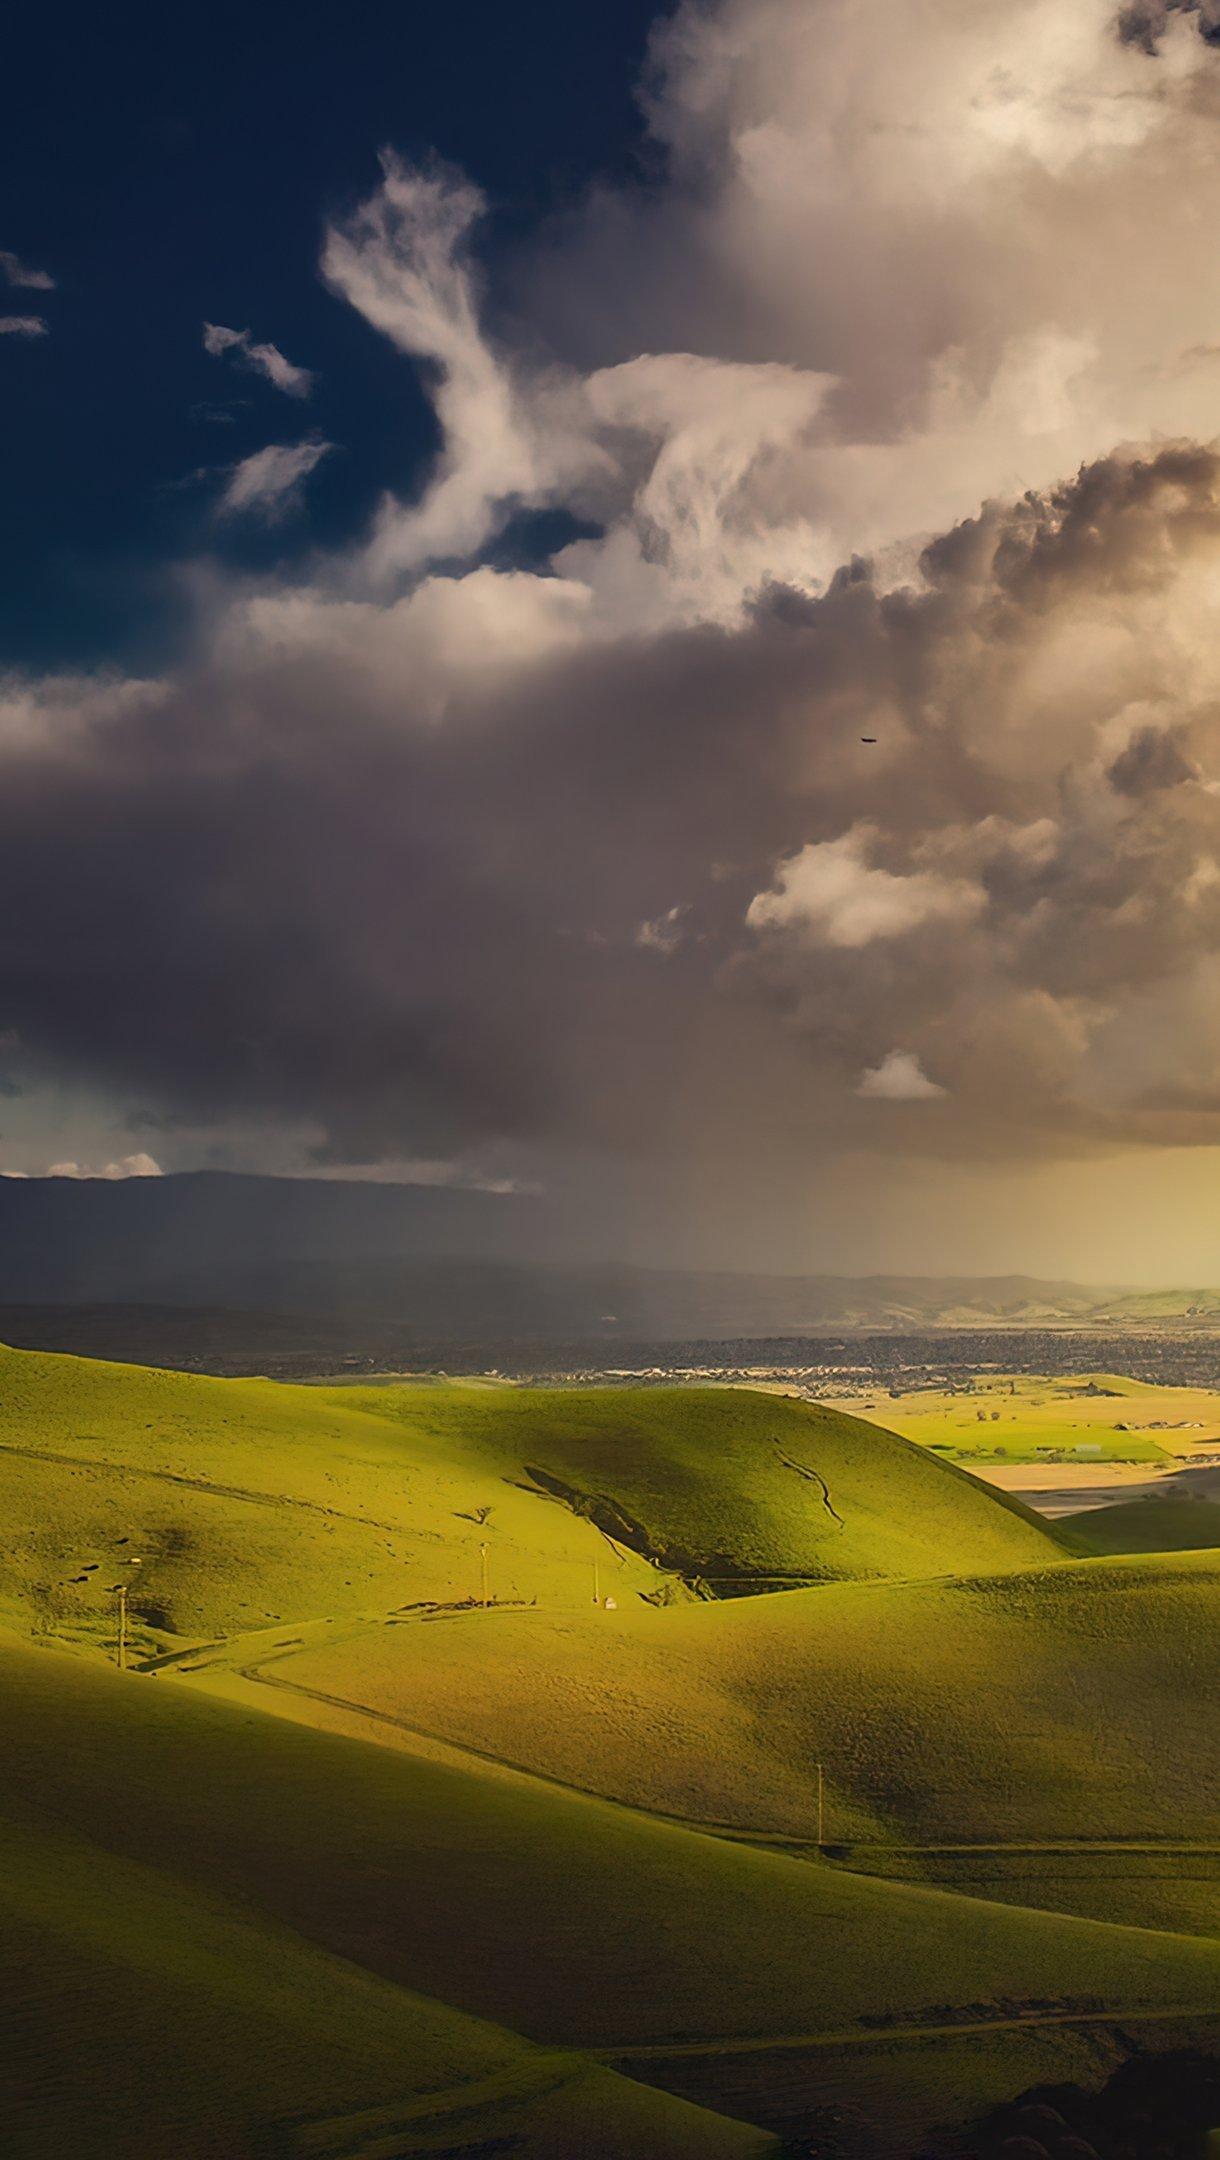 Fondos de pantalla Nubes sobre valle Vertical